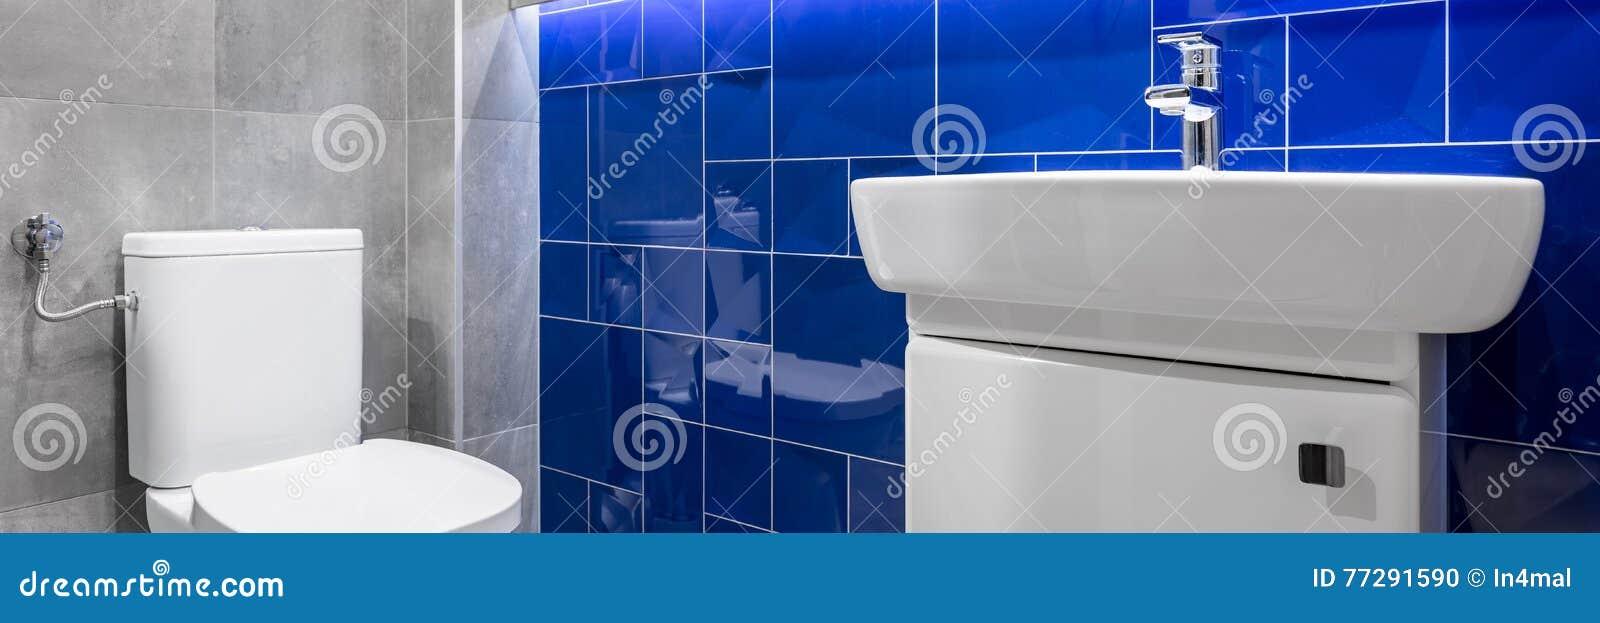 Badezimmer Mit Blauen Glatten Fliesen Stockfoto Bild Von Dusche